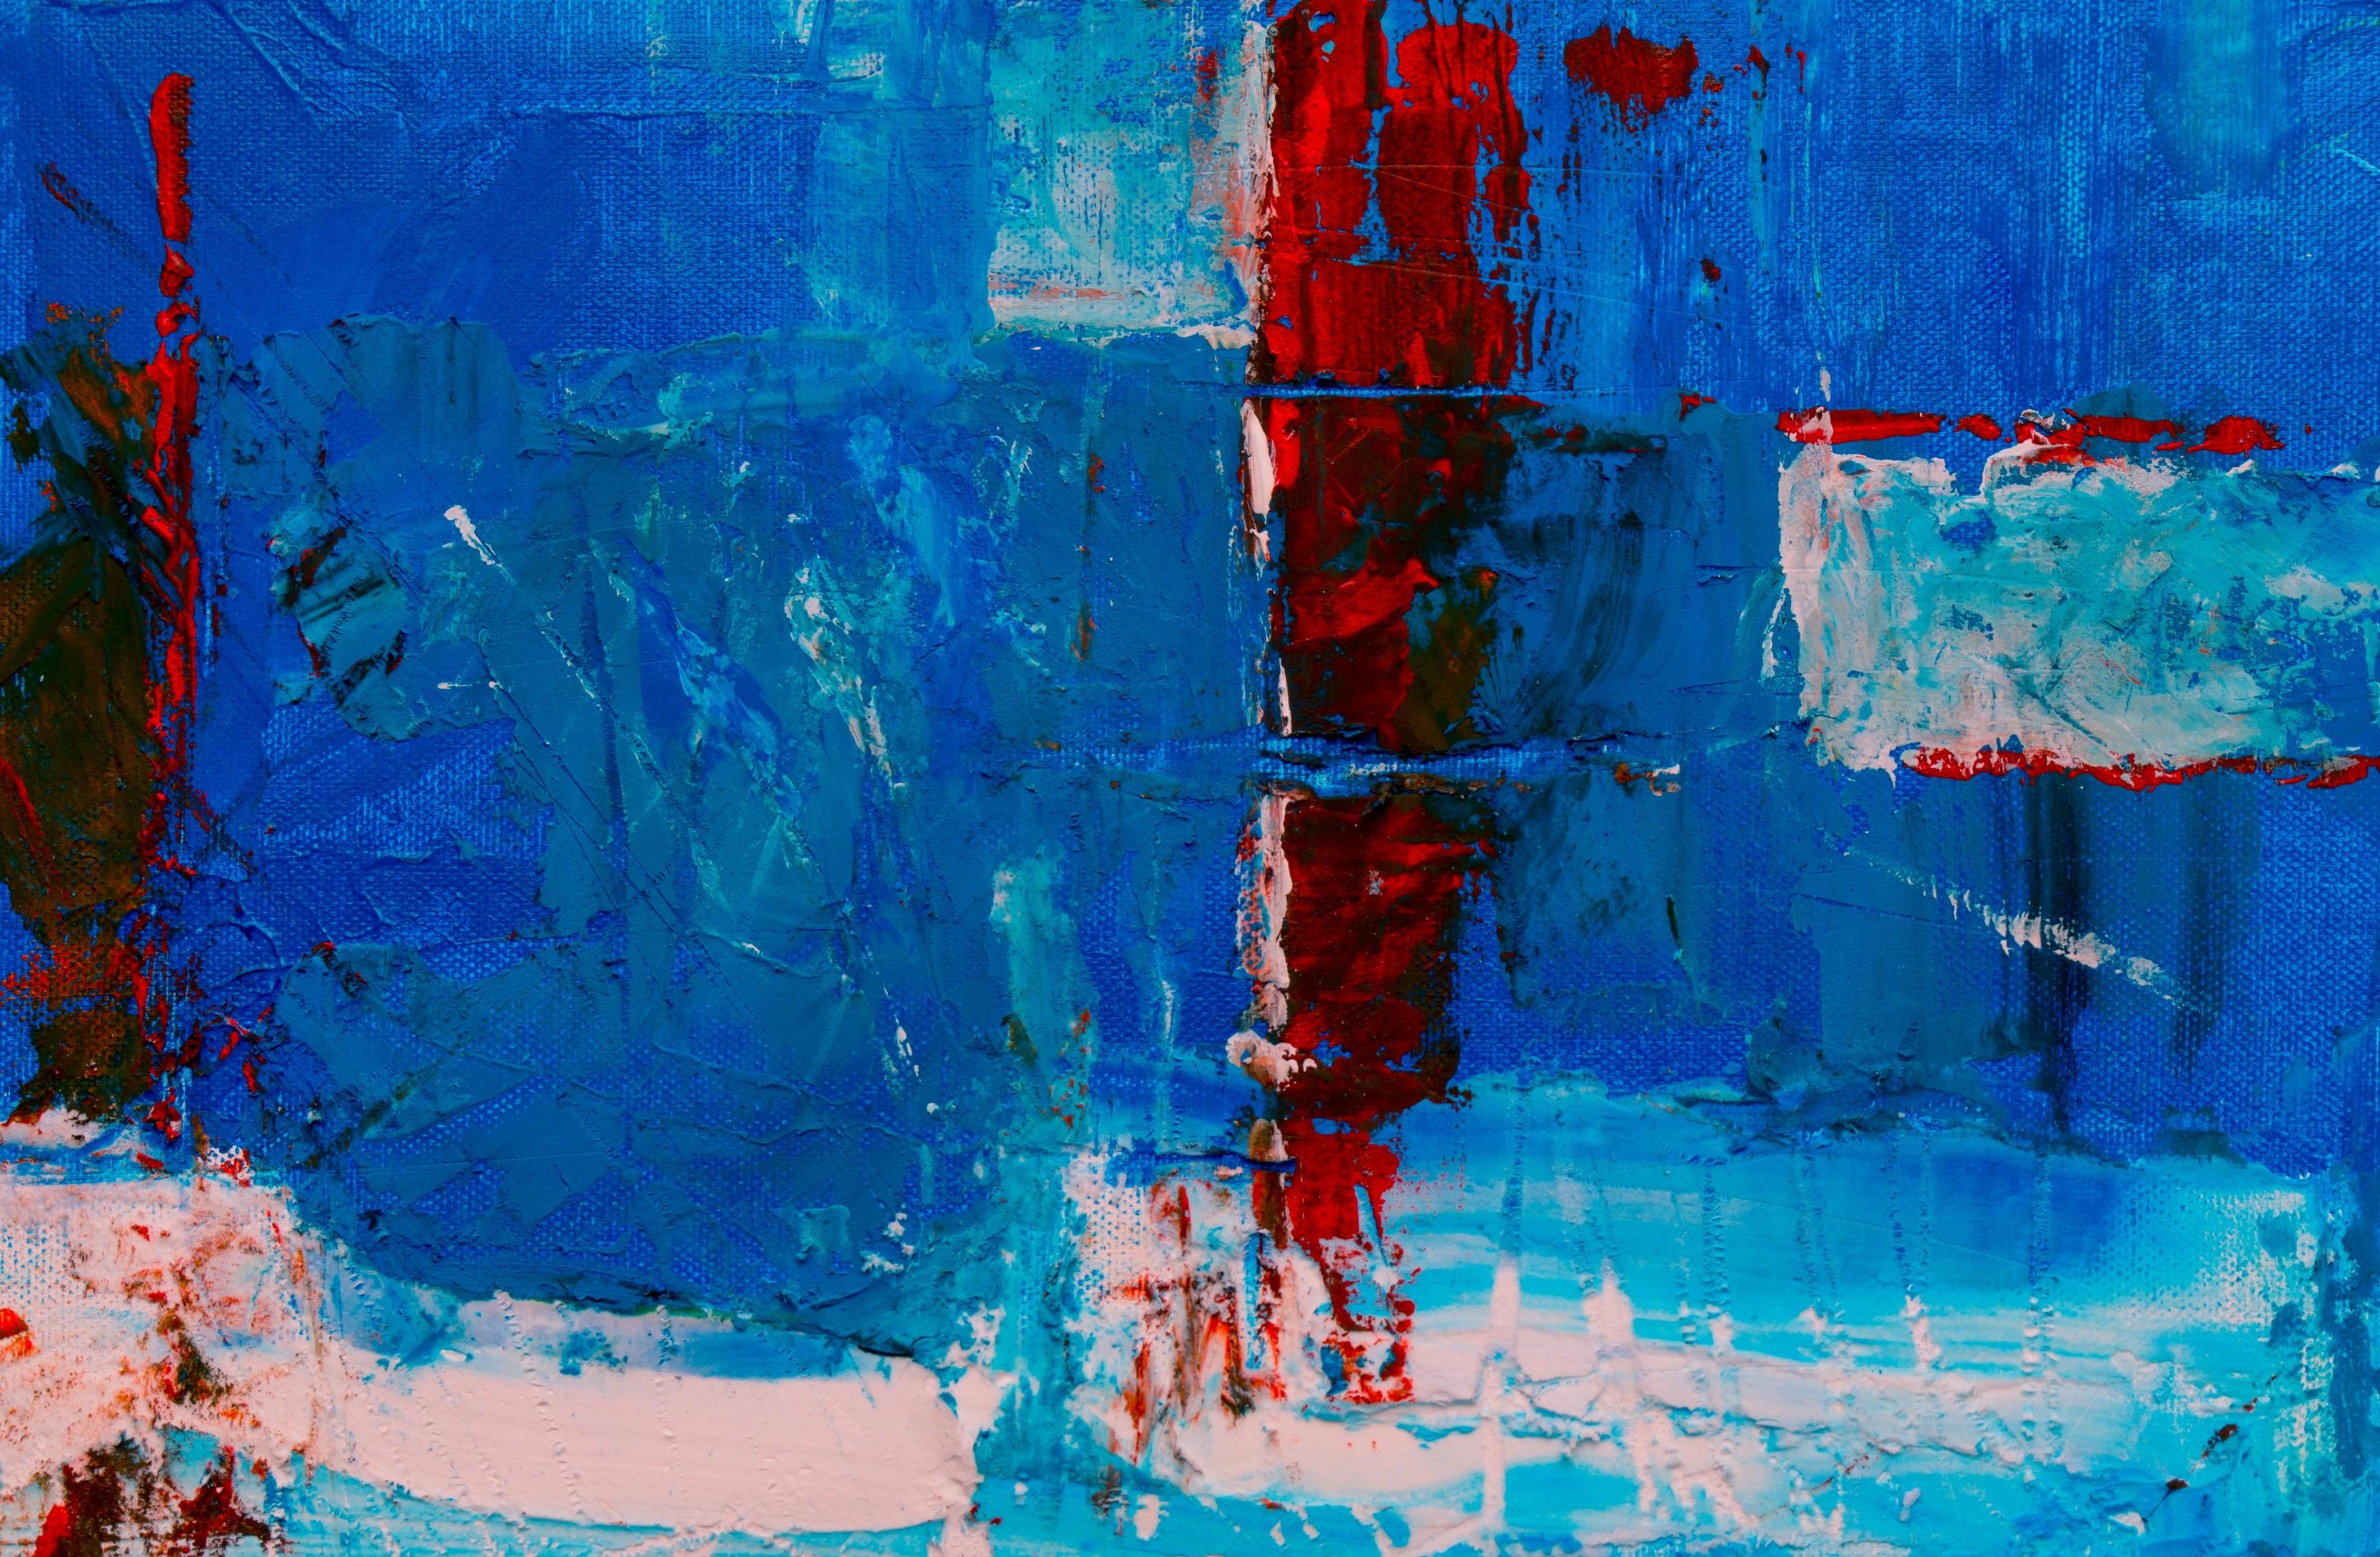 Extreem Hoe kun je abstracte kunst begrijpen? - Maassluismuseum #HL92